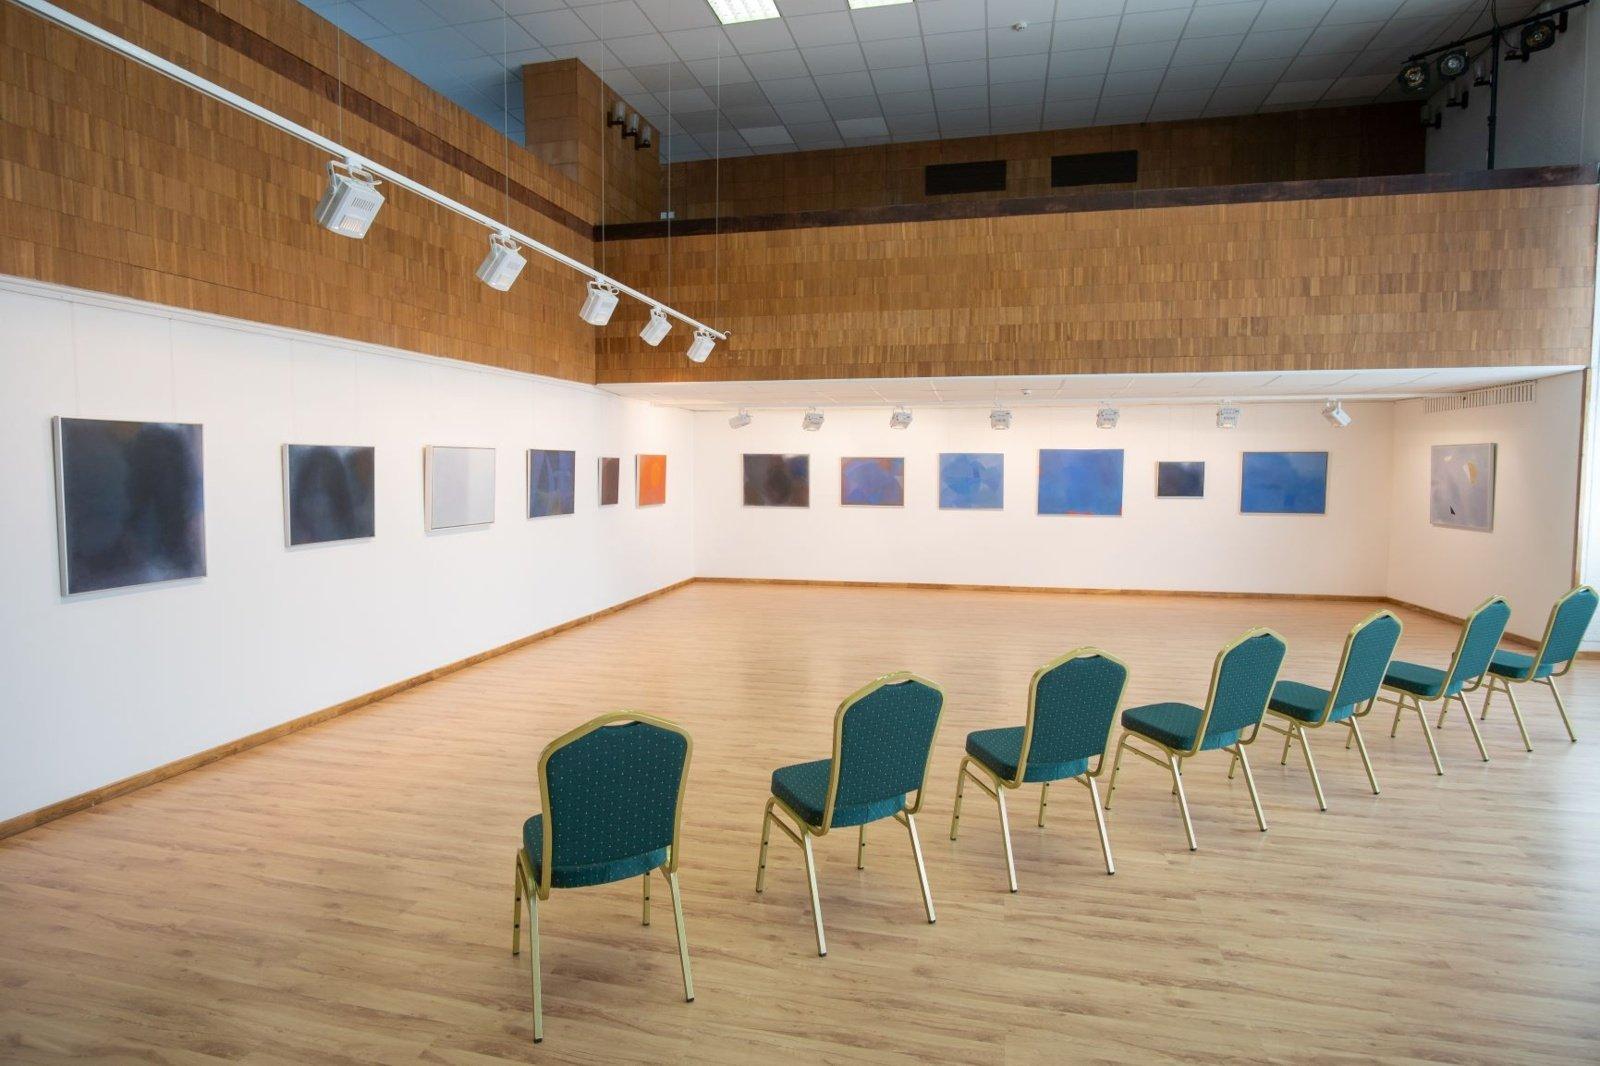 Rūtos Katiliūtės tapybos paroda - virtualiai